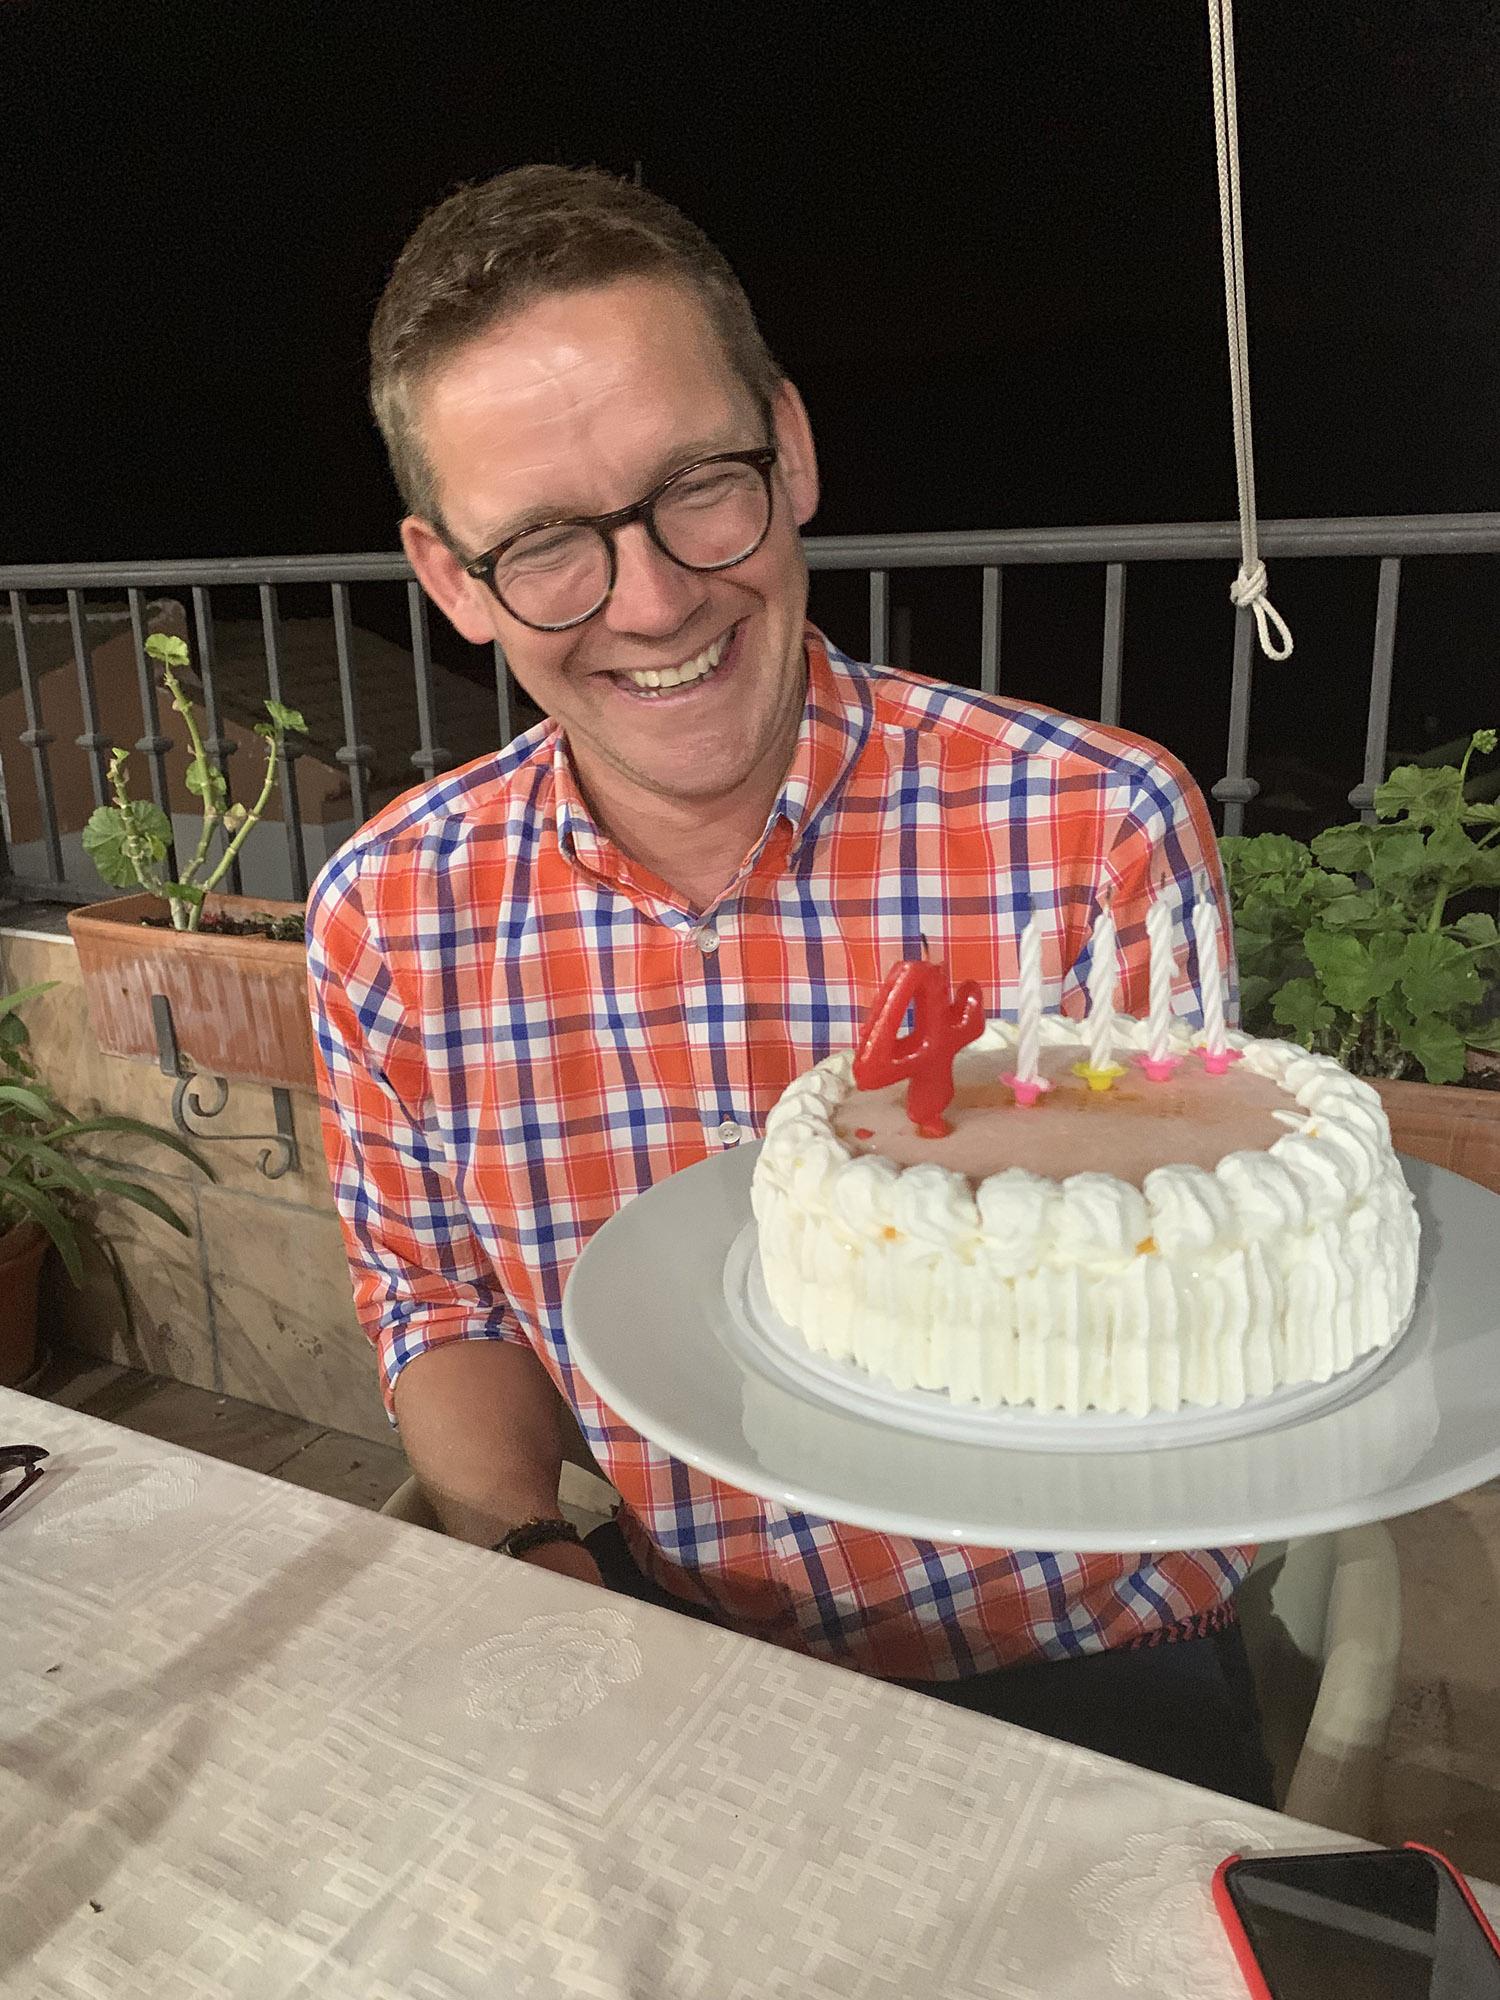 Andrew's birthday cake!